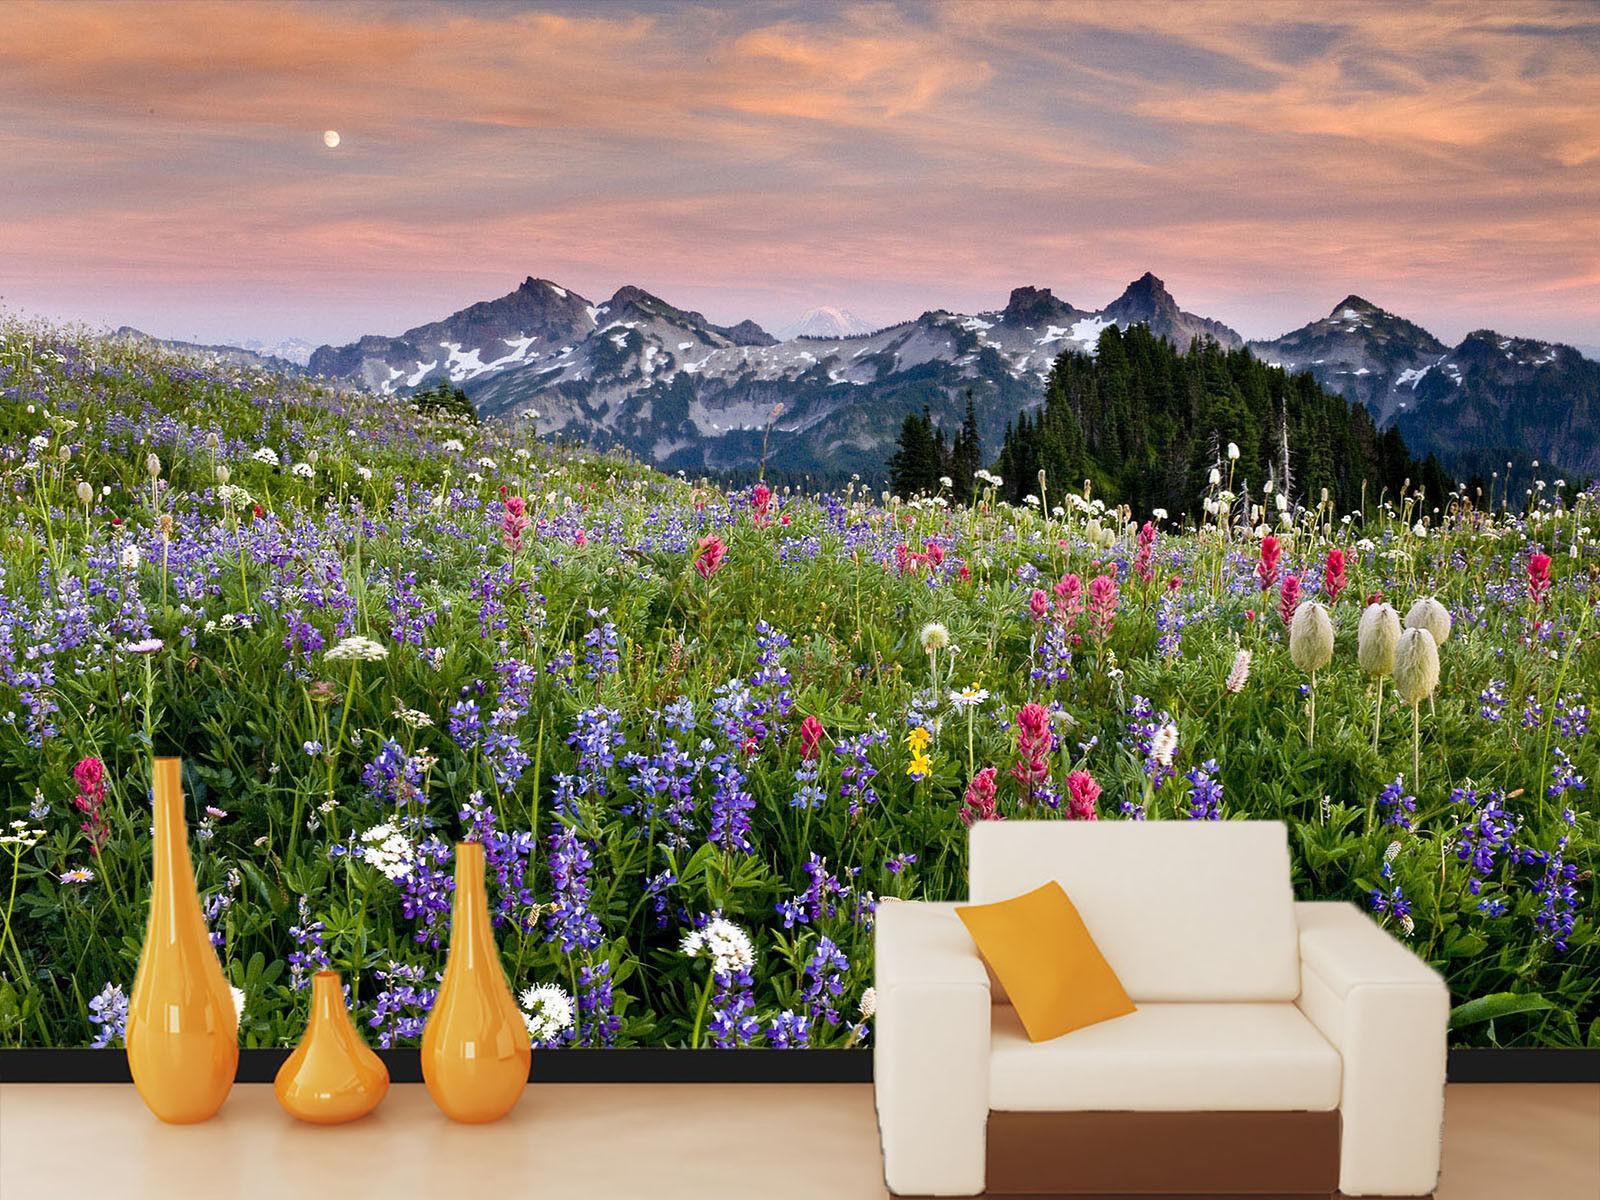 3D Schnee Berg Blaumenmeer 75 Tapete Wandgemälde Tapete Tapeten Bild Bild Bild Familie DE | Fuxin  43c5ef